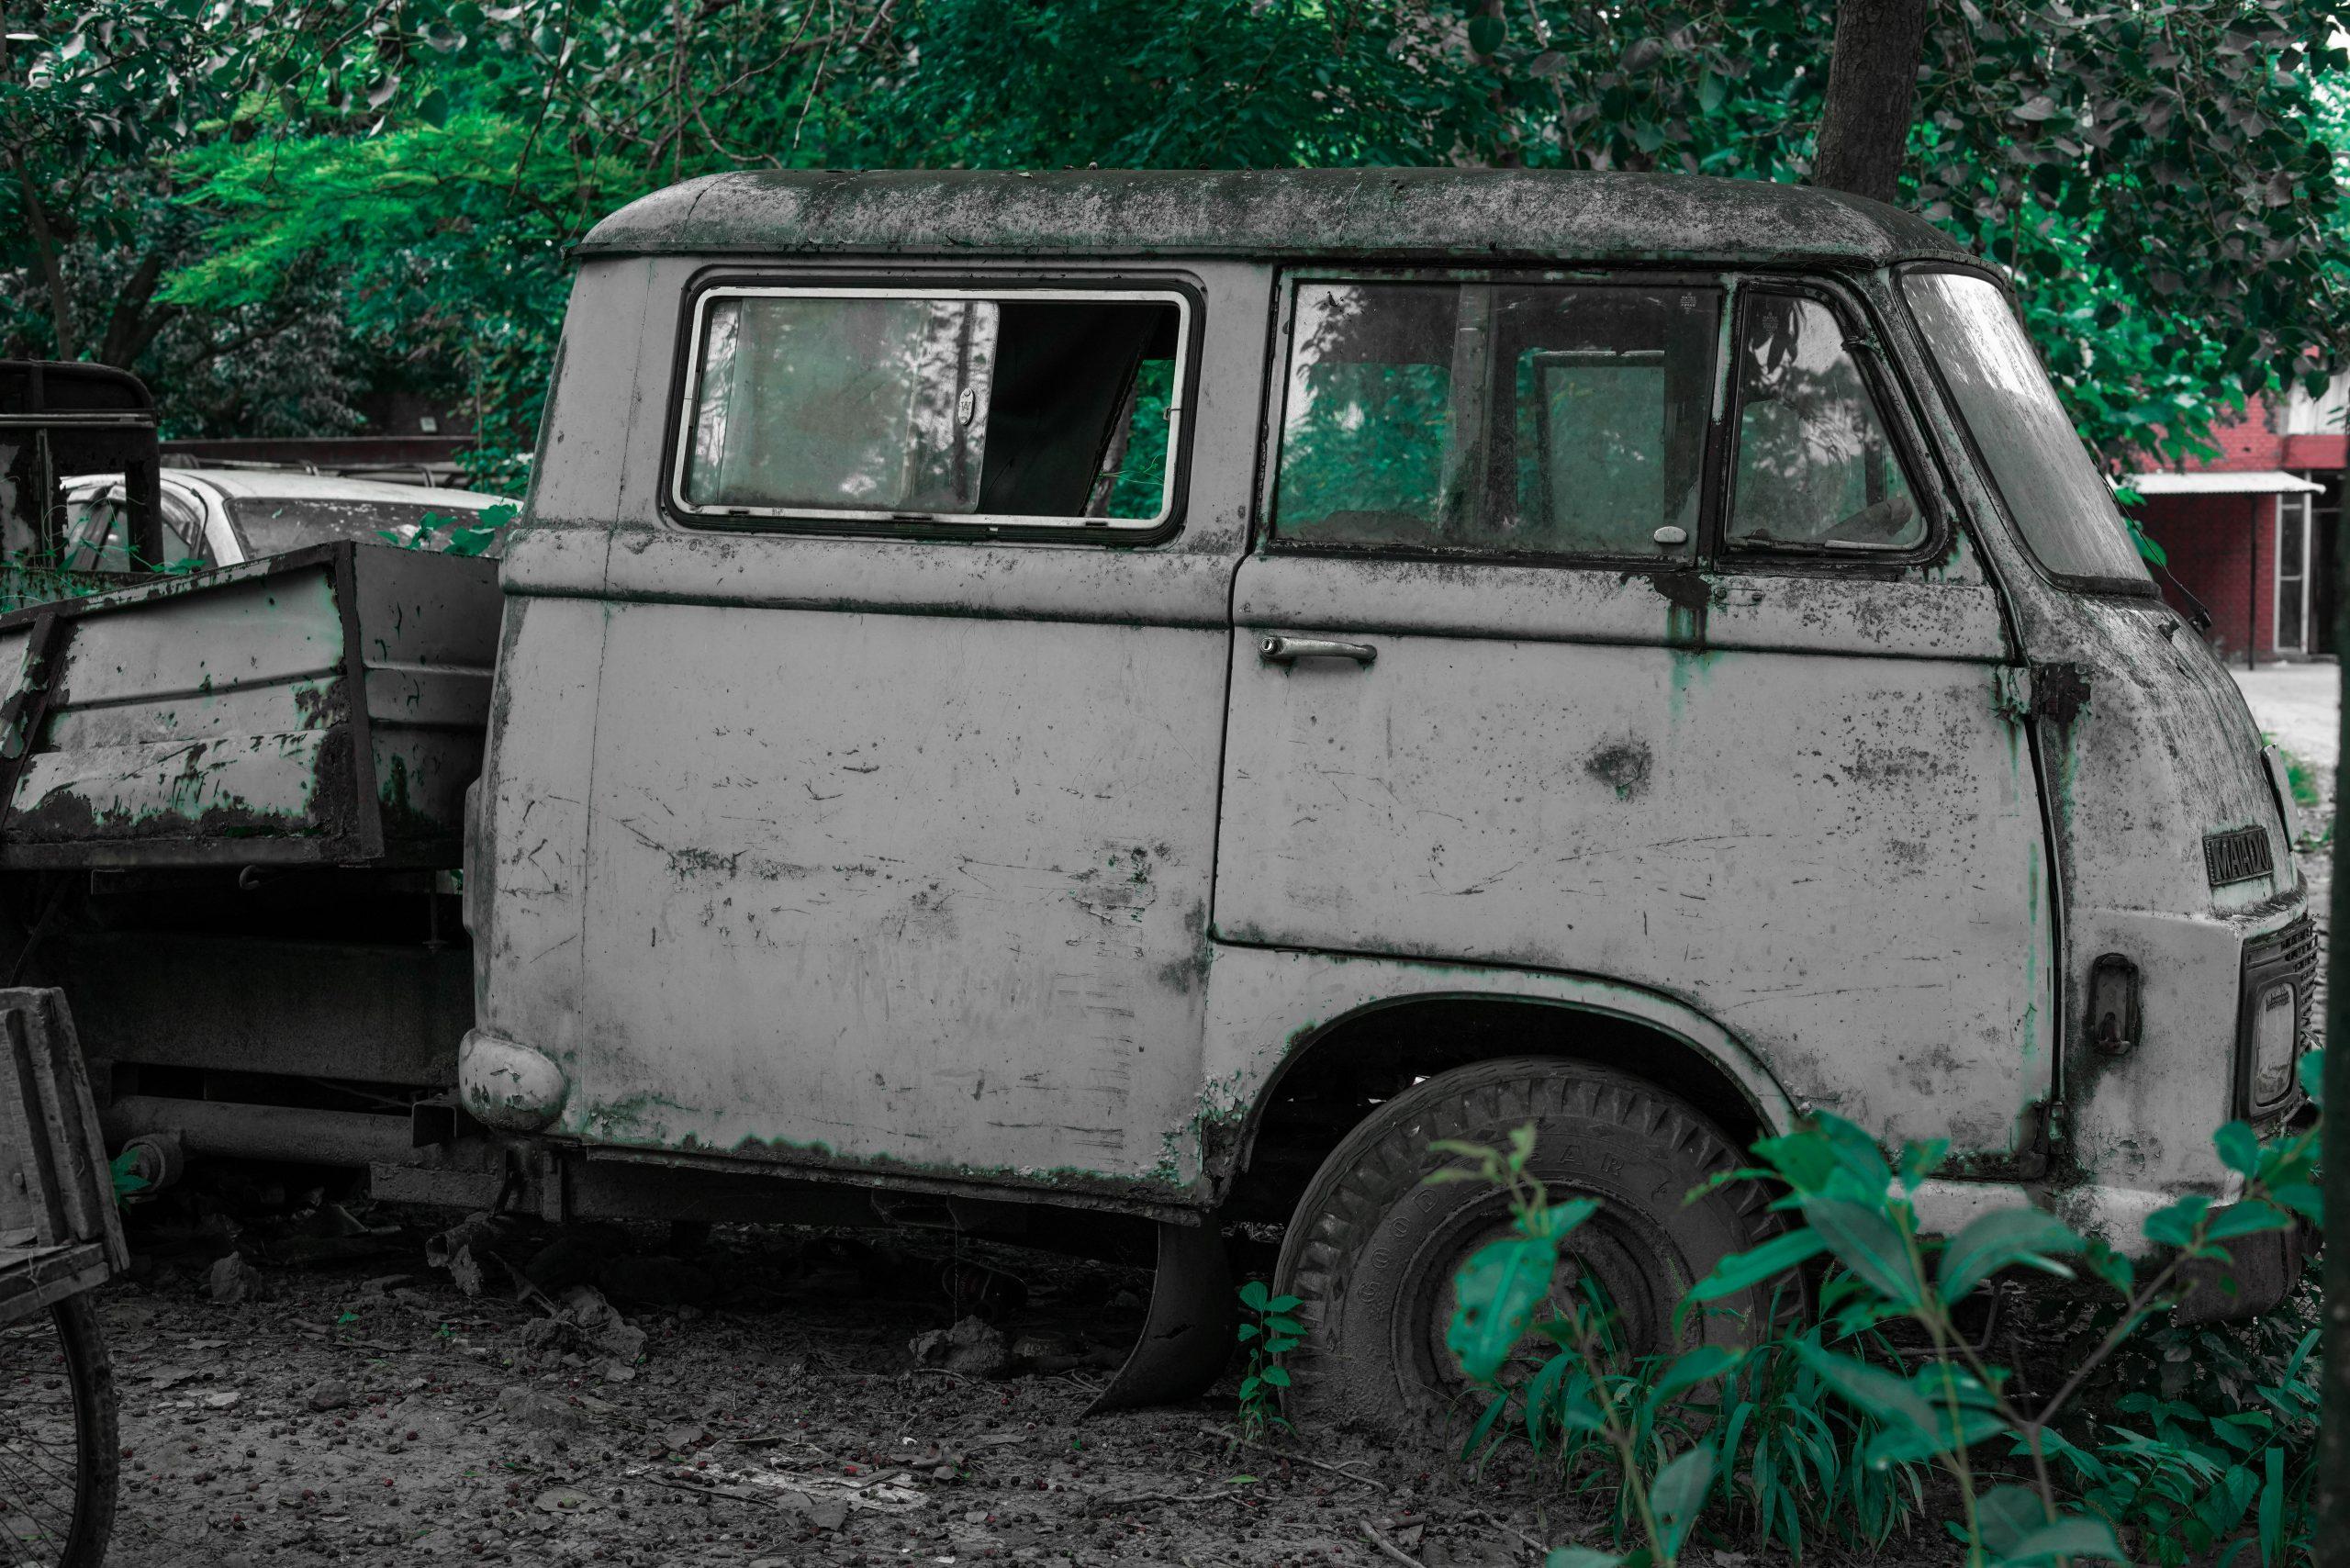 Old Compact Van in the Junk